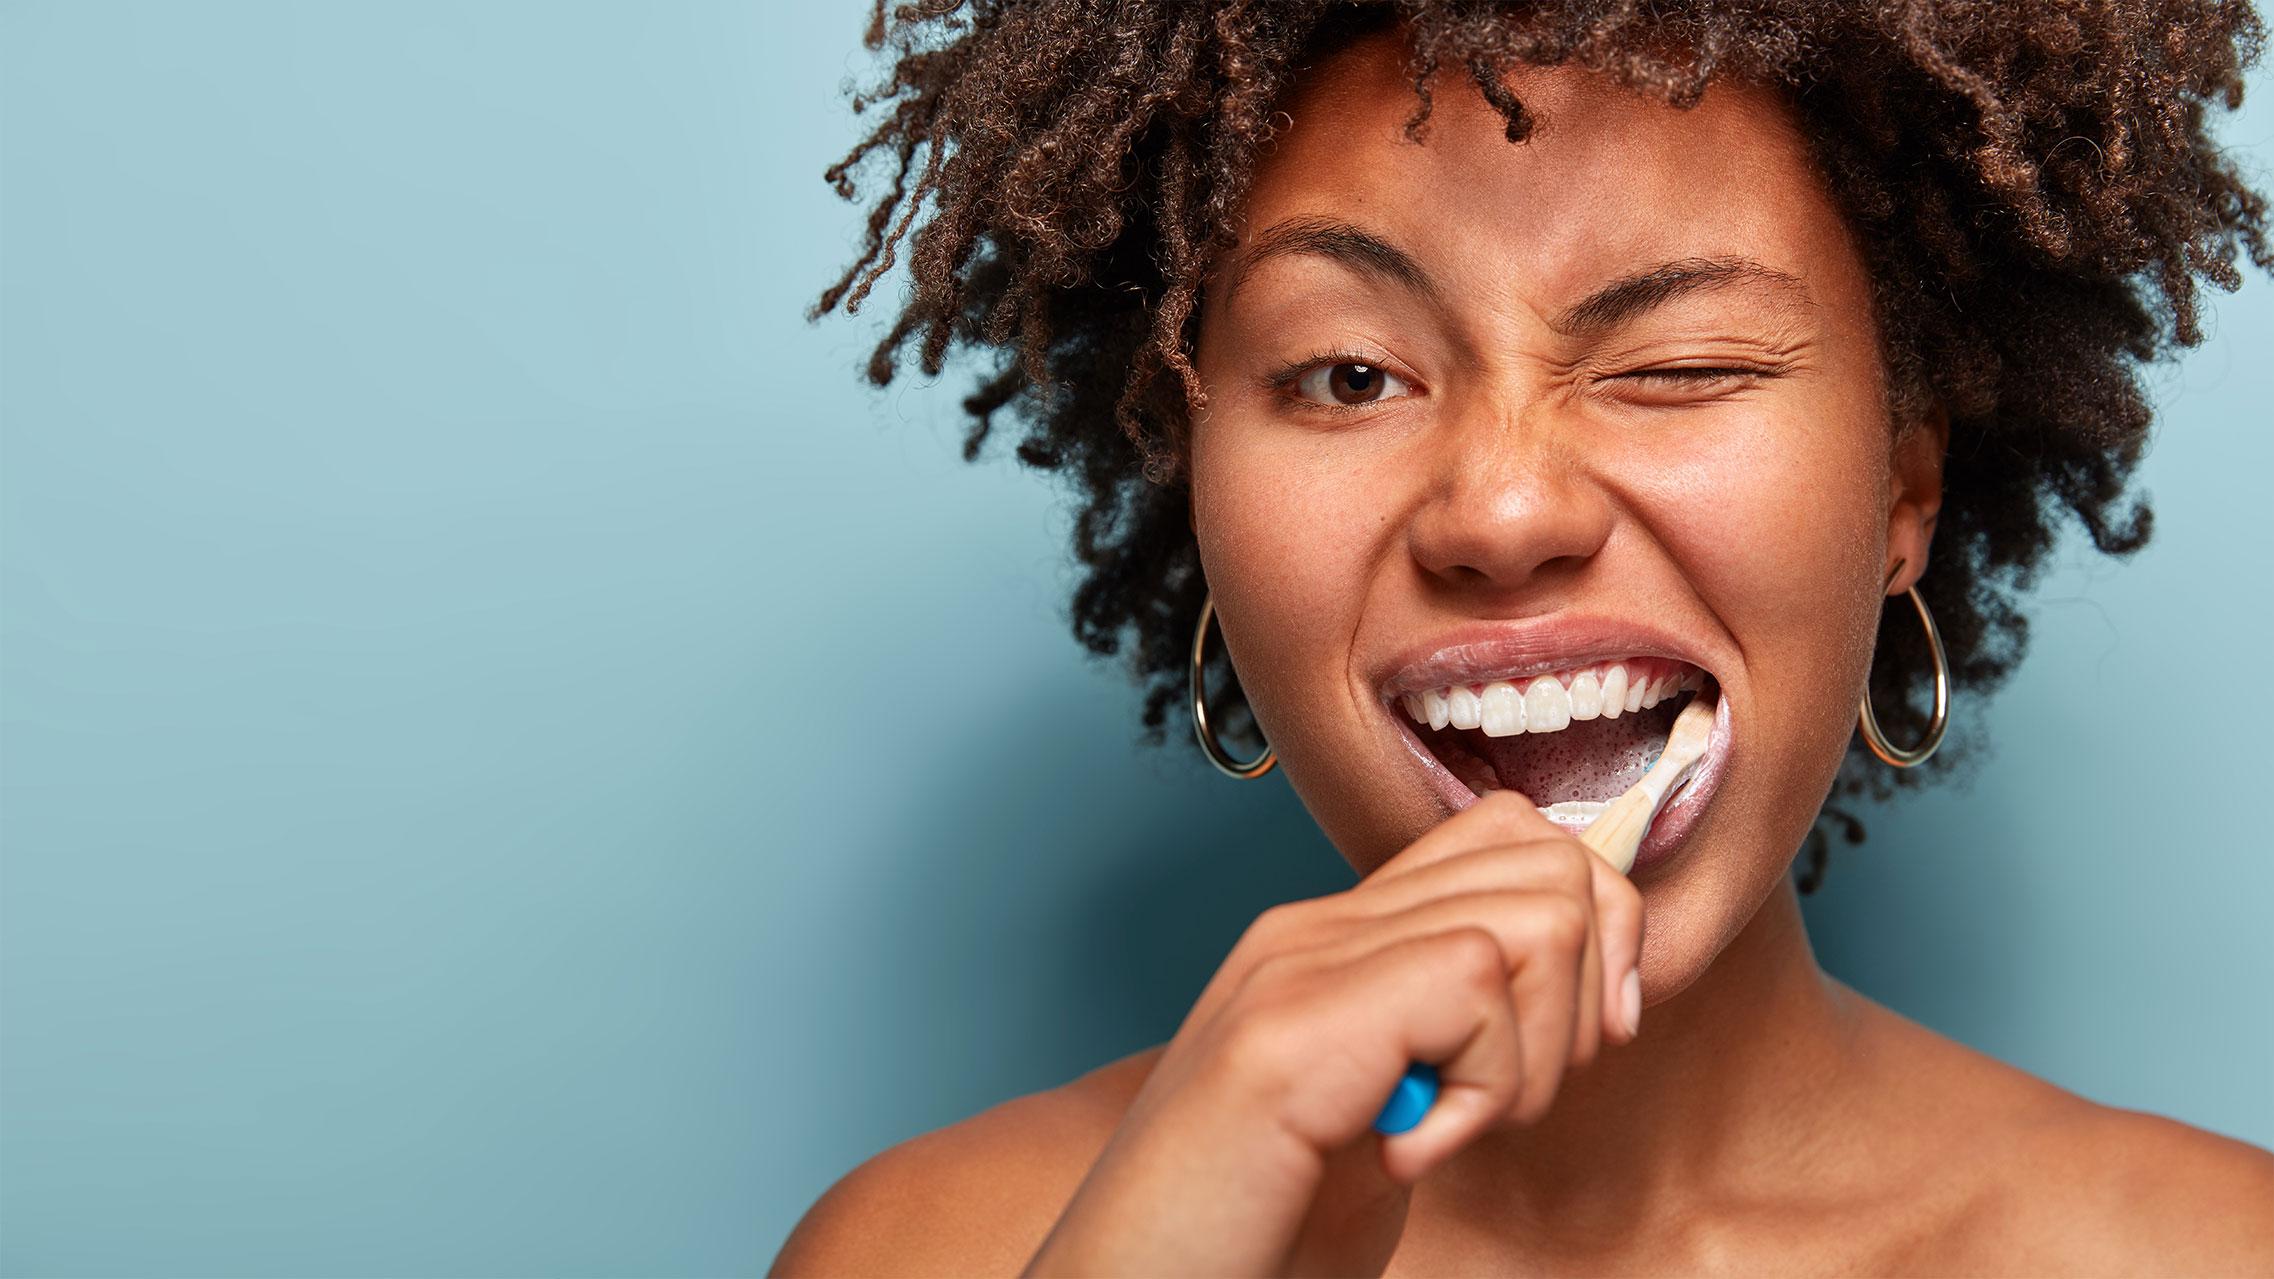 Fluorid lässt Bakterien von den Zähnen rutschen